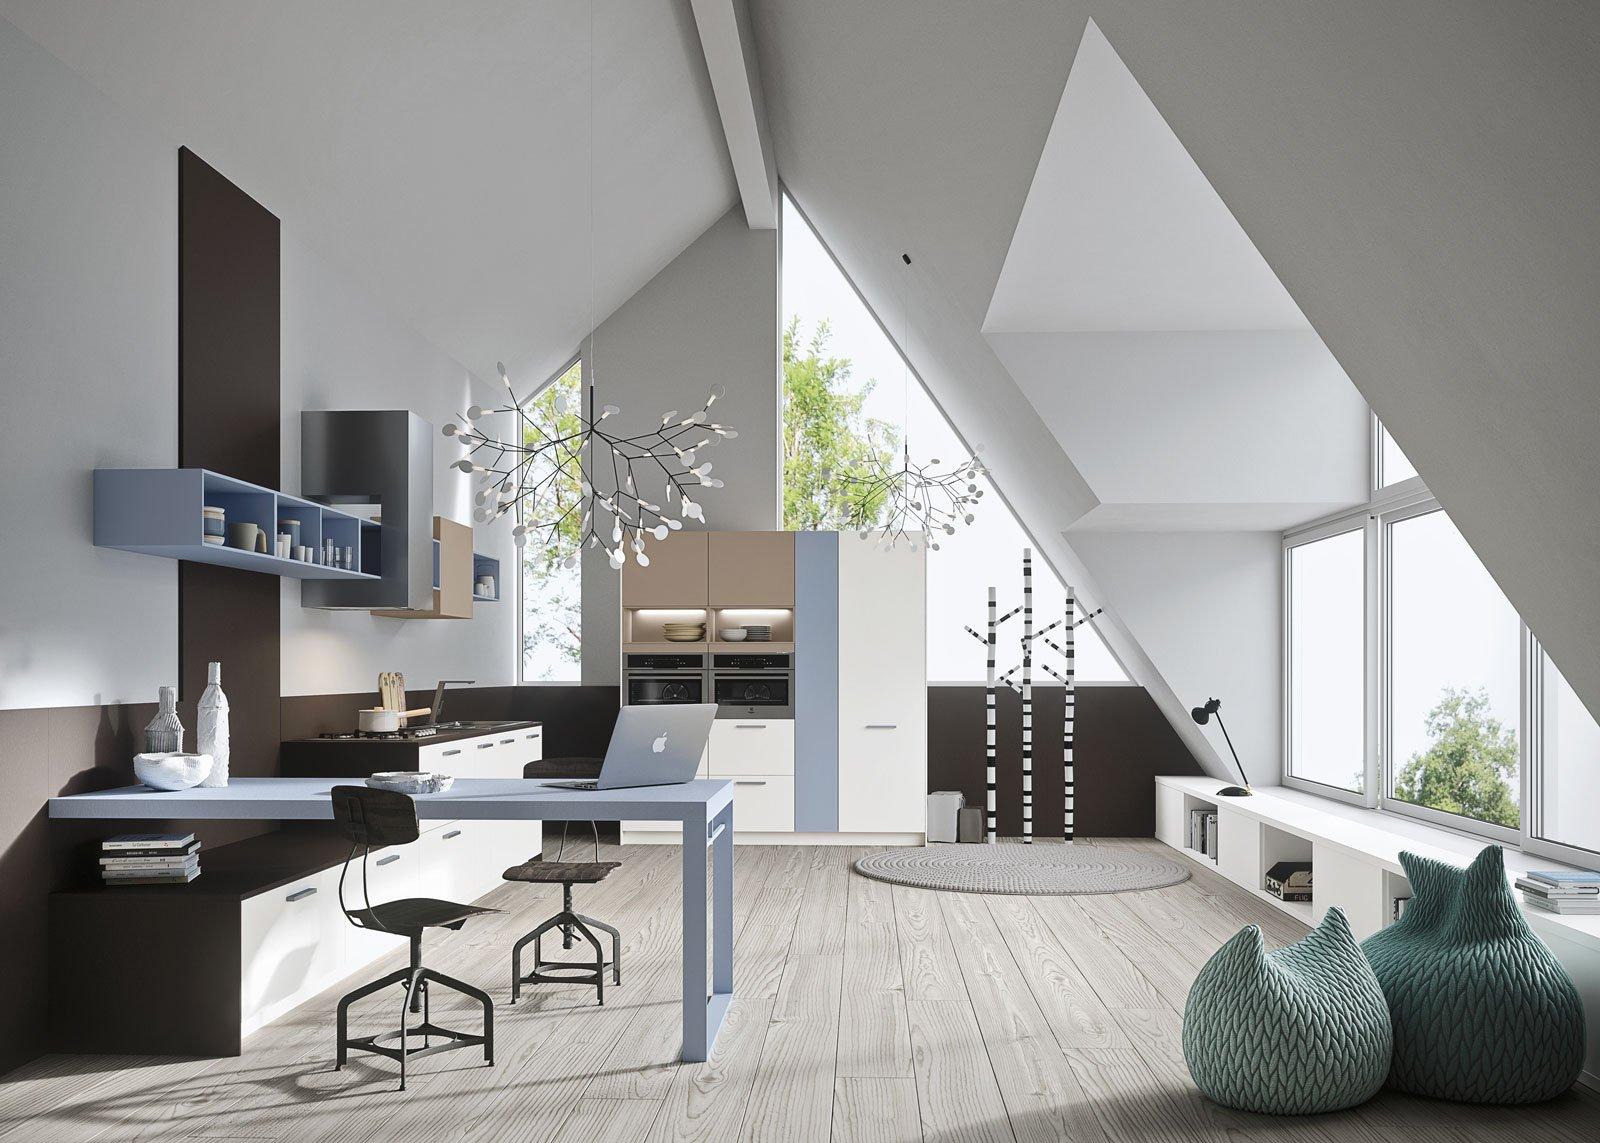 Cucine piccole composizioni compatte anche per il for Arredamento moderno casa